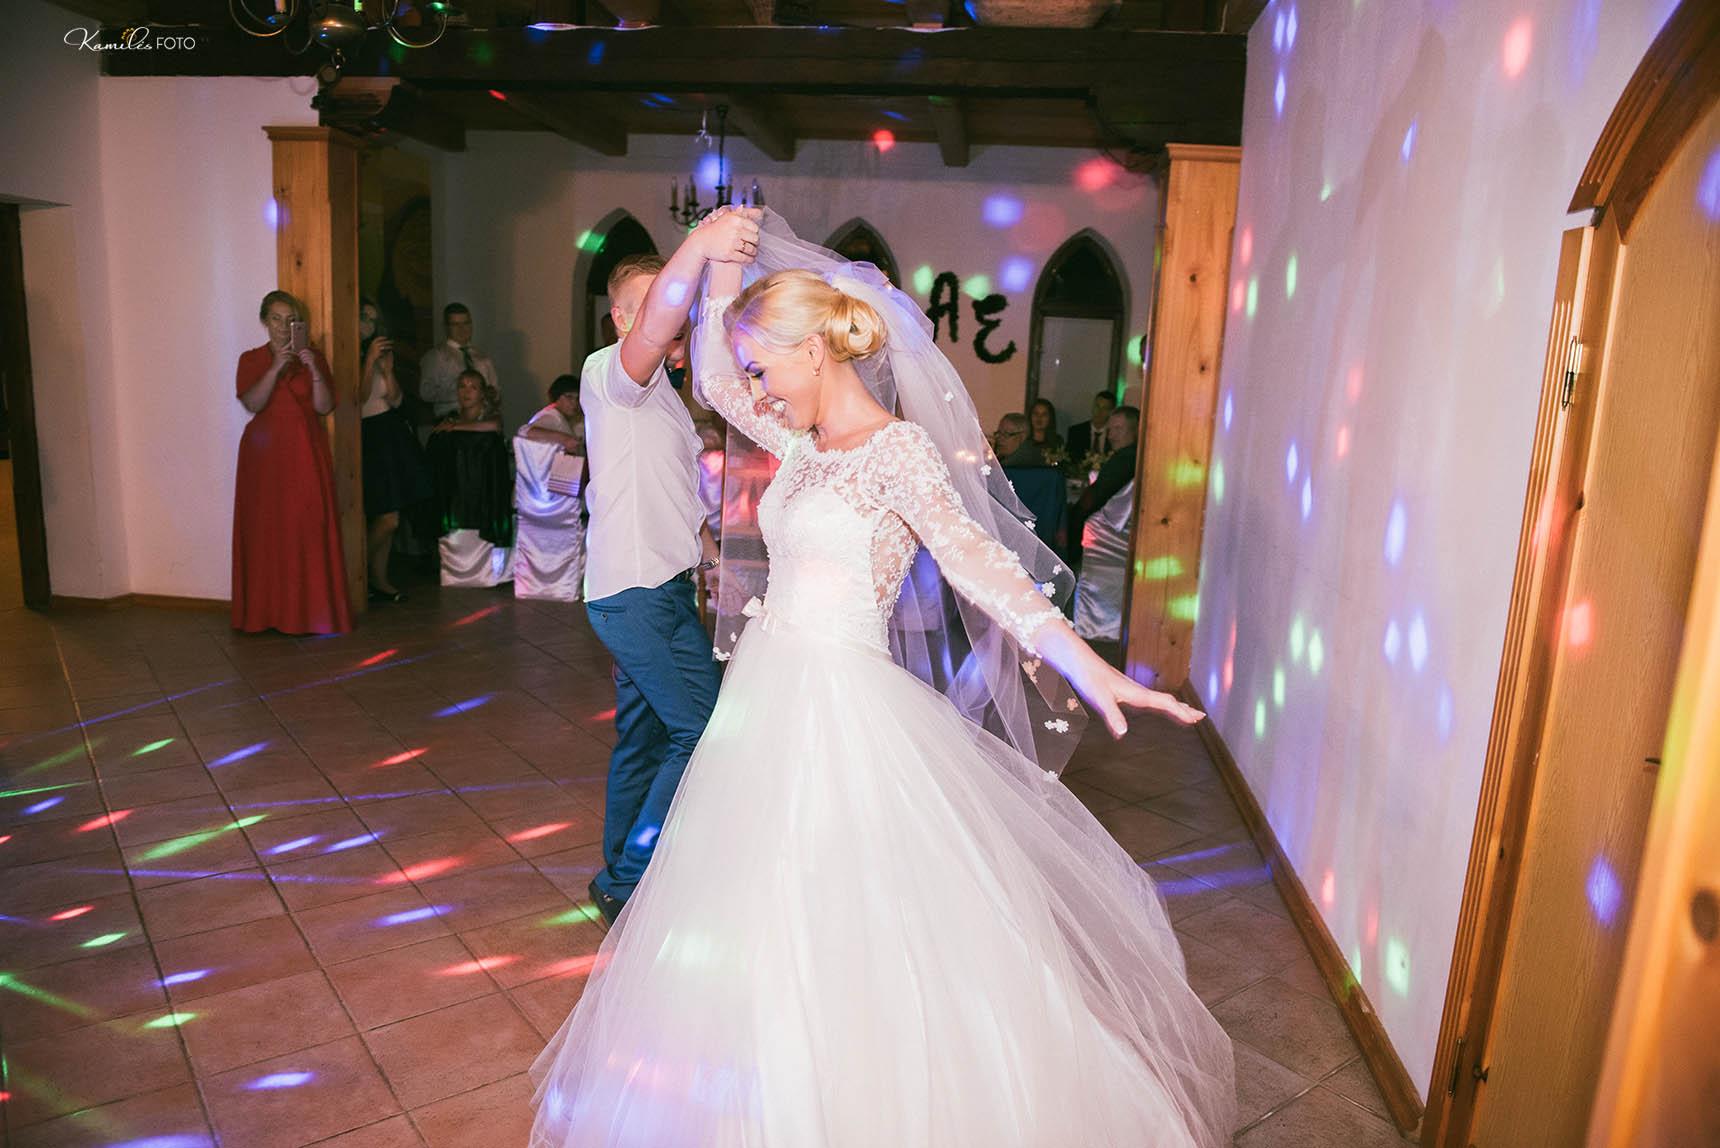 vestuviu fotografas Vilniuje, vestuviu fotografas Kaune, vestuviu fotografas Klaipedoje